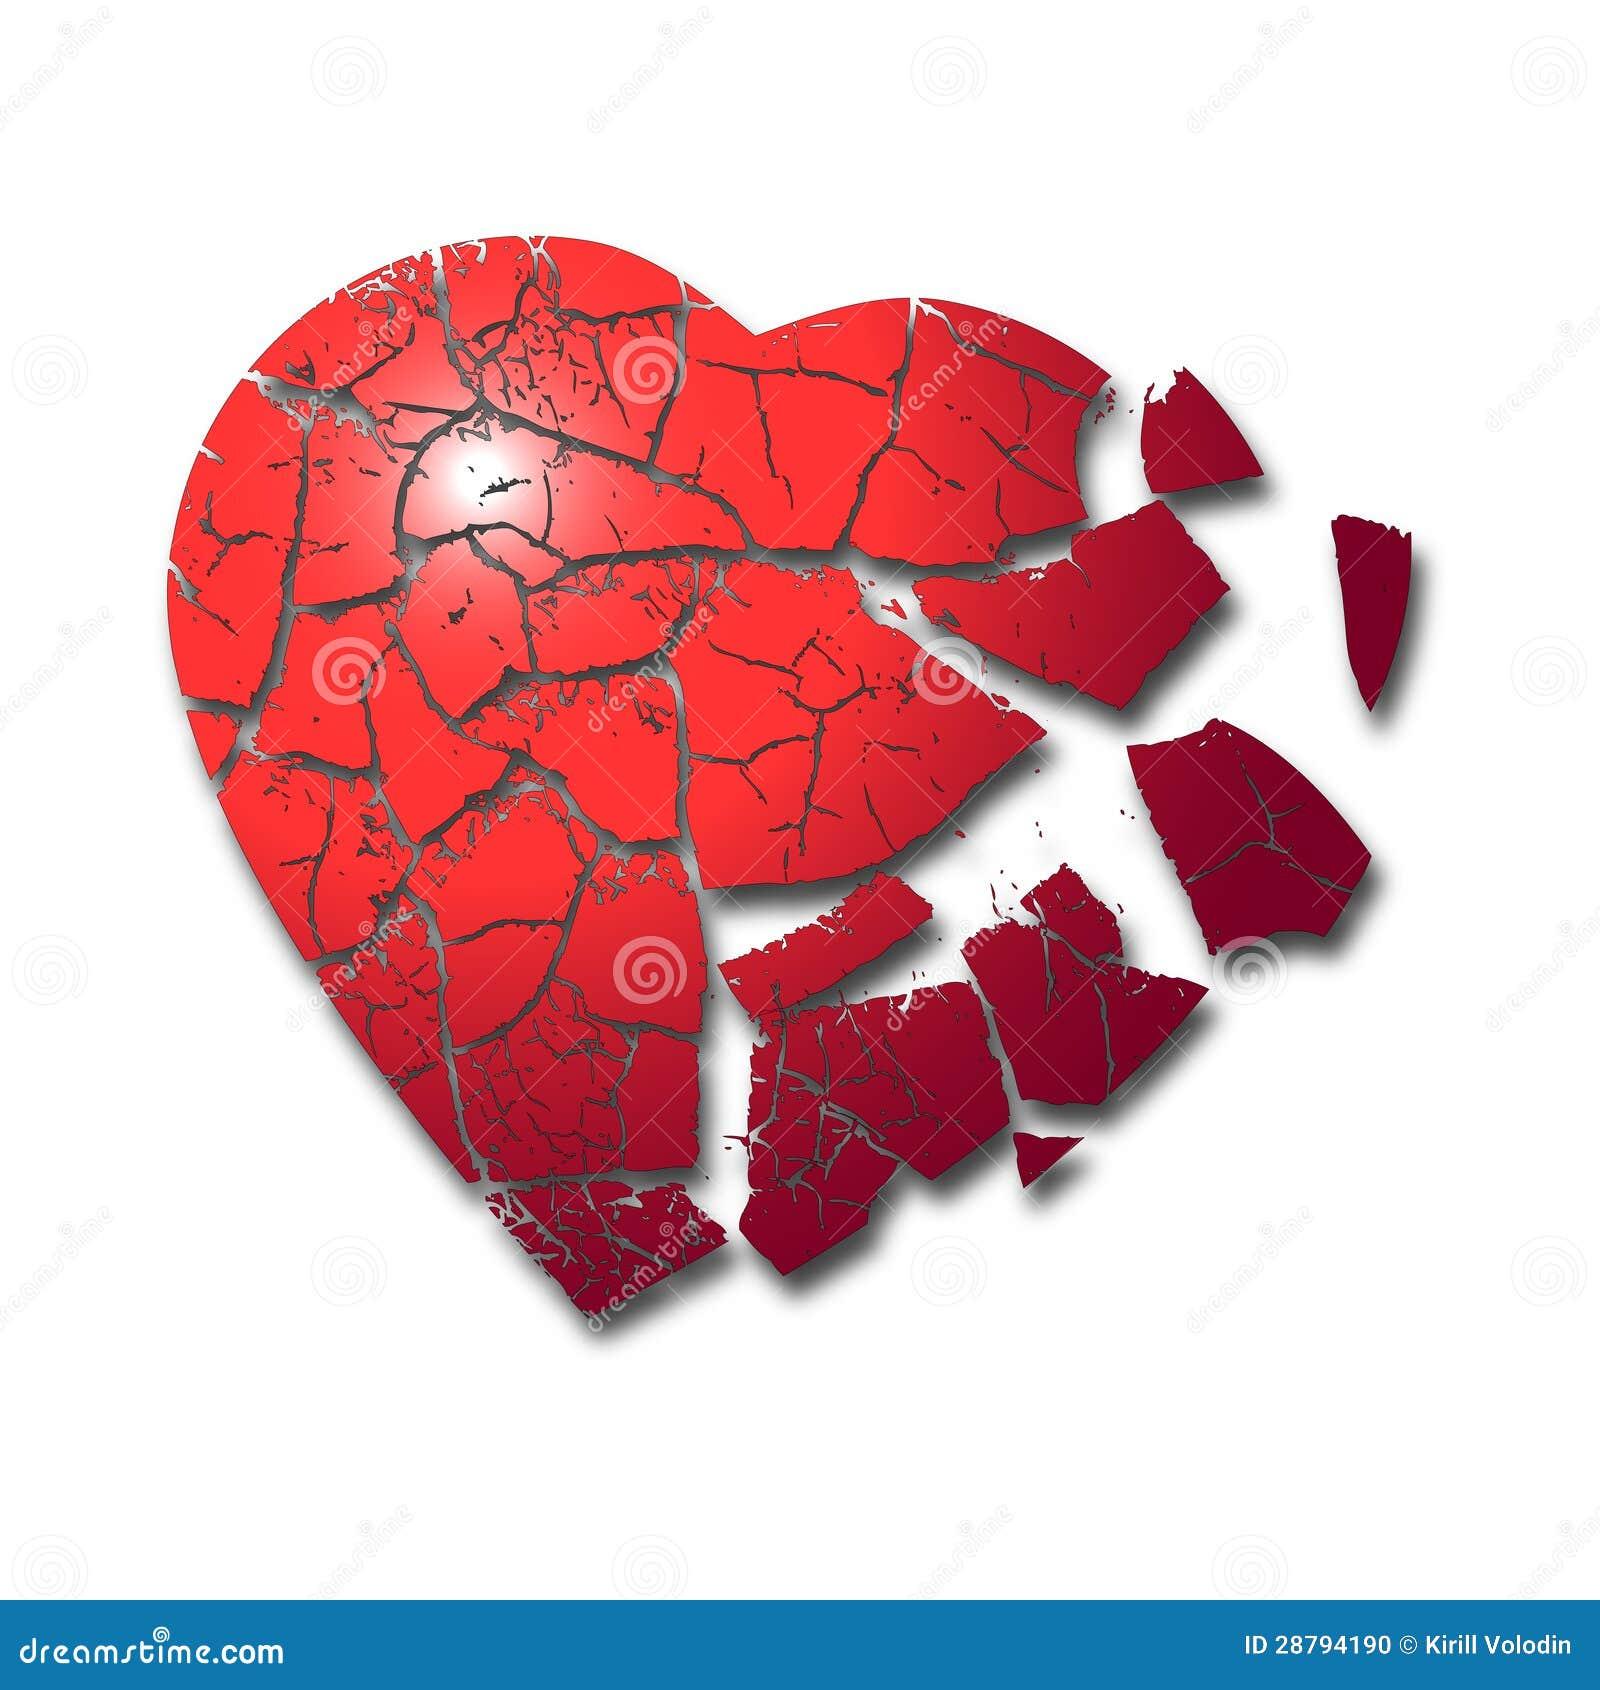 心形心碎图片大全_Vector broken heart with detailed cracks ...